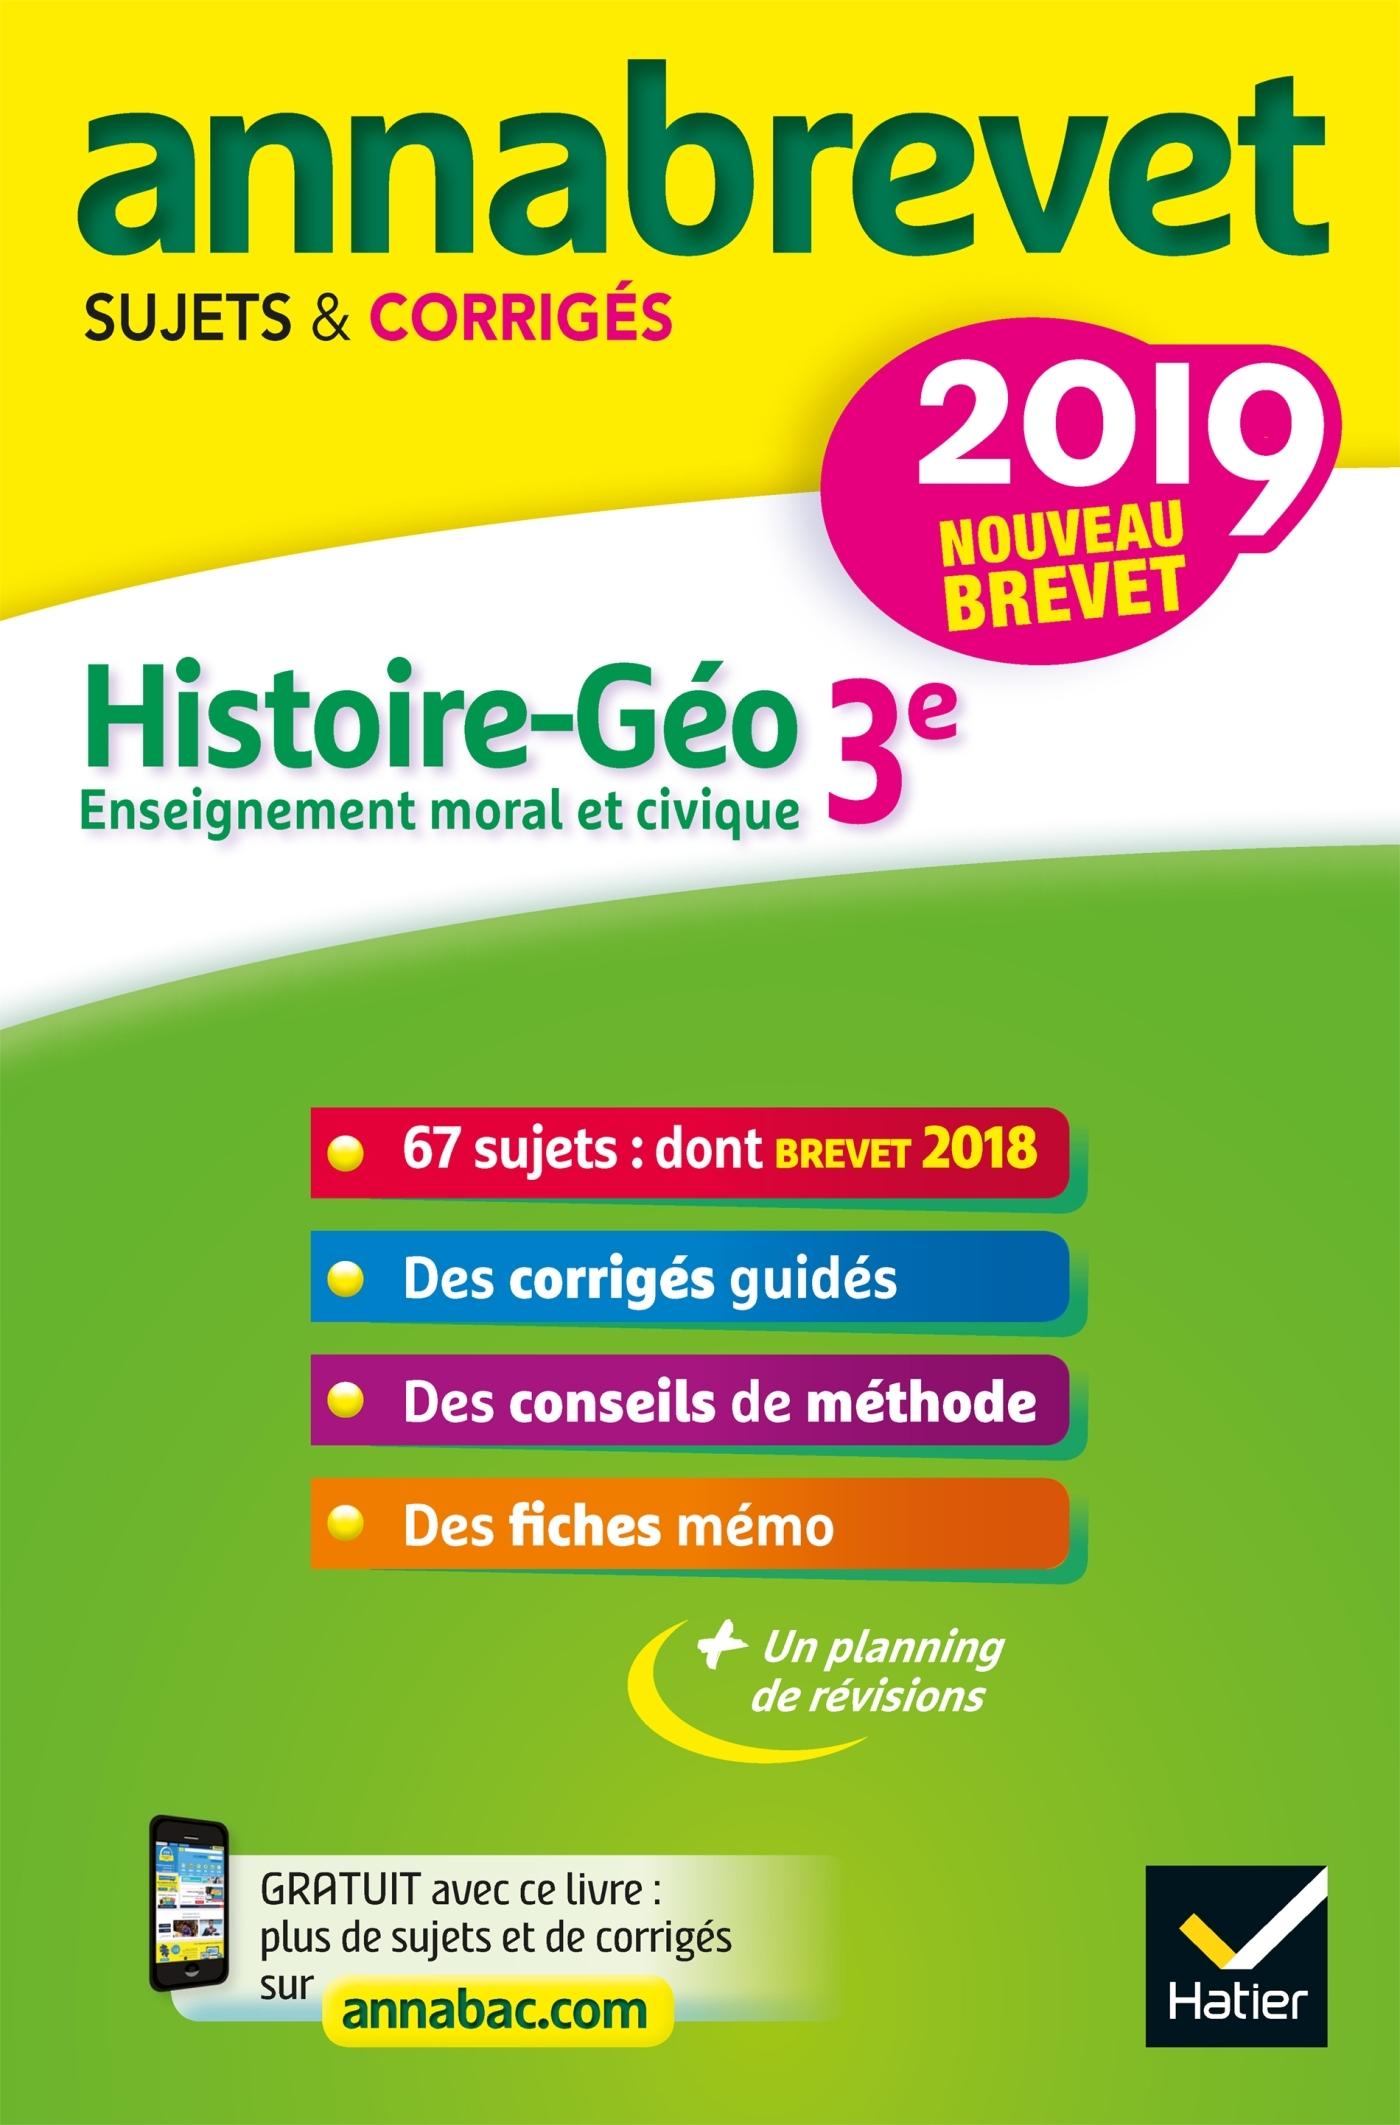 4 - ANNALES DU BREVET ANNABREVET 2019 HISTOIRE GEOGRAPHIE EMC 3E - 65 SUJETS CORRIGES